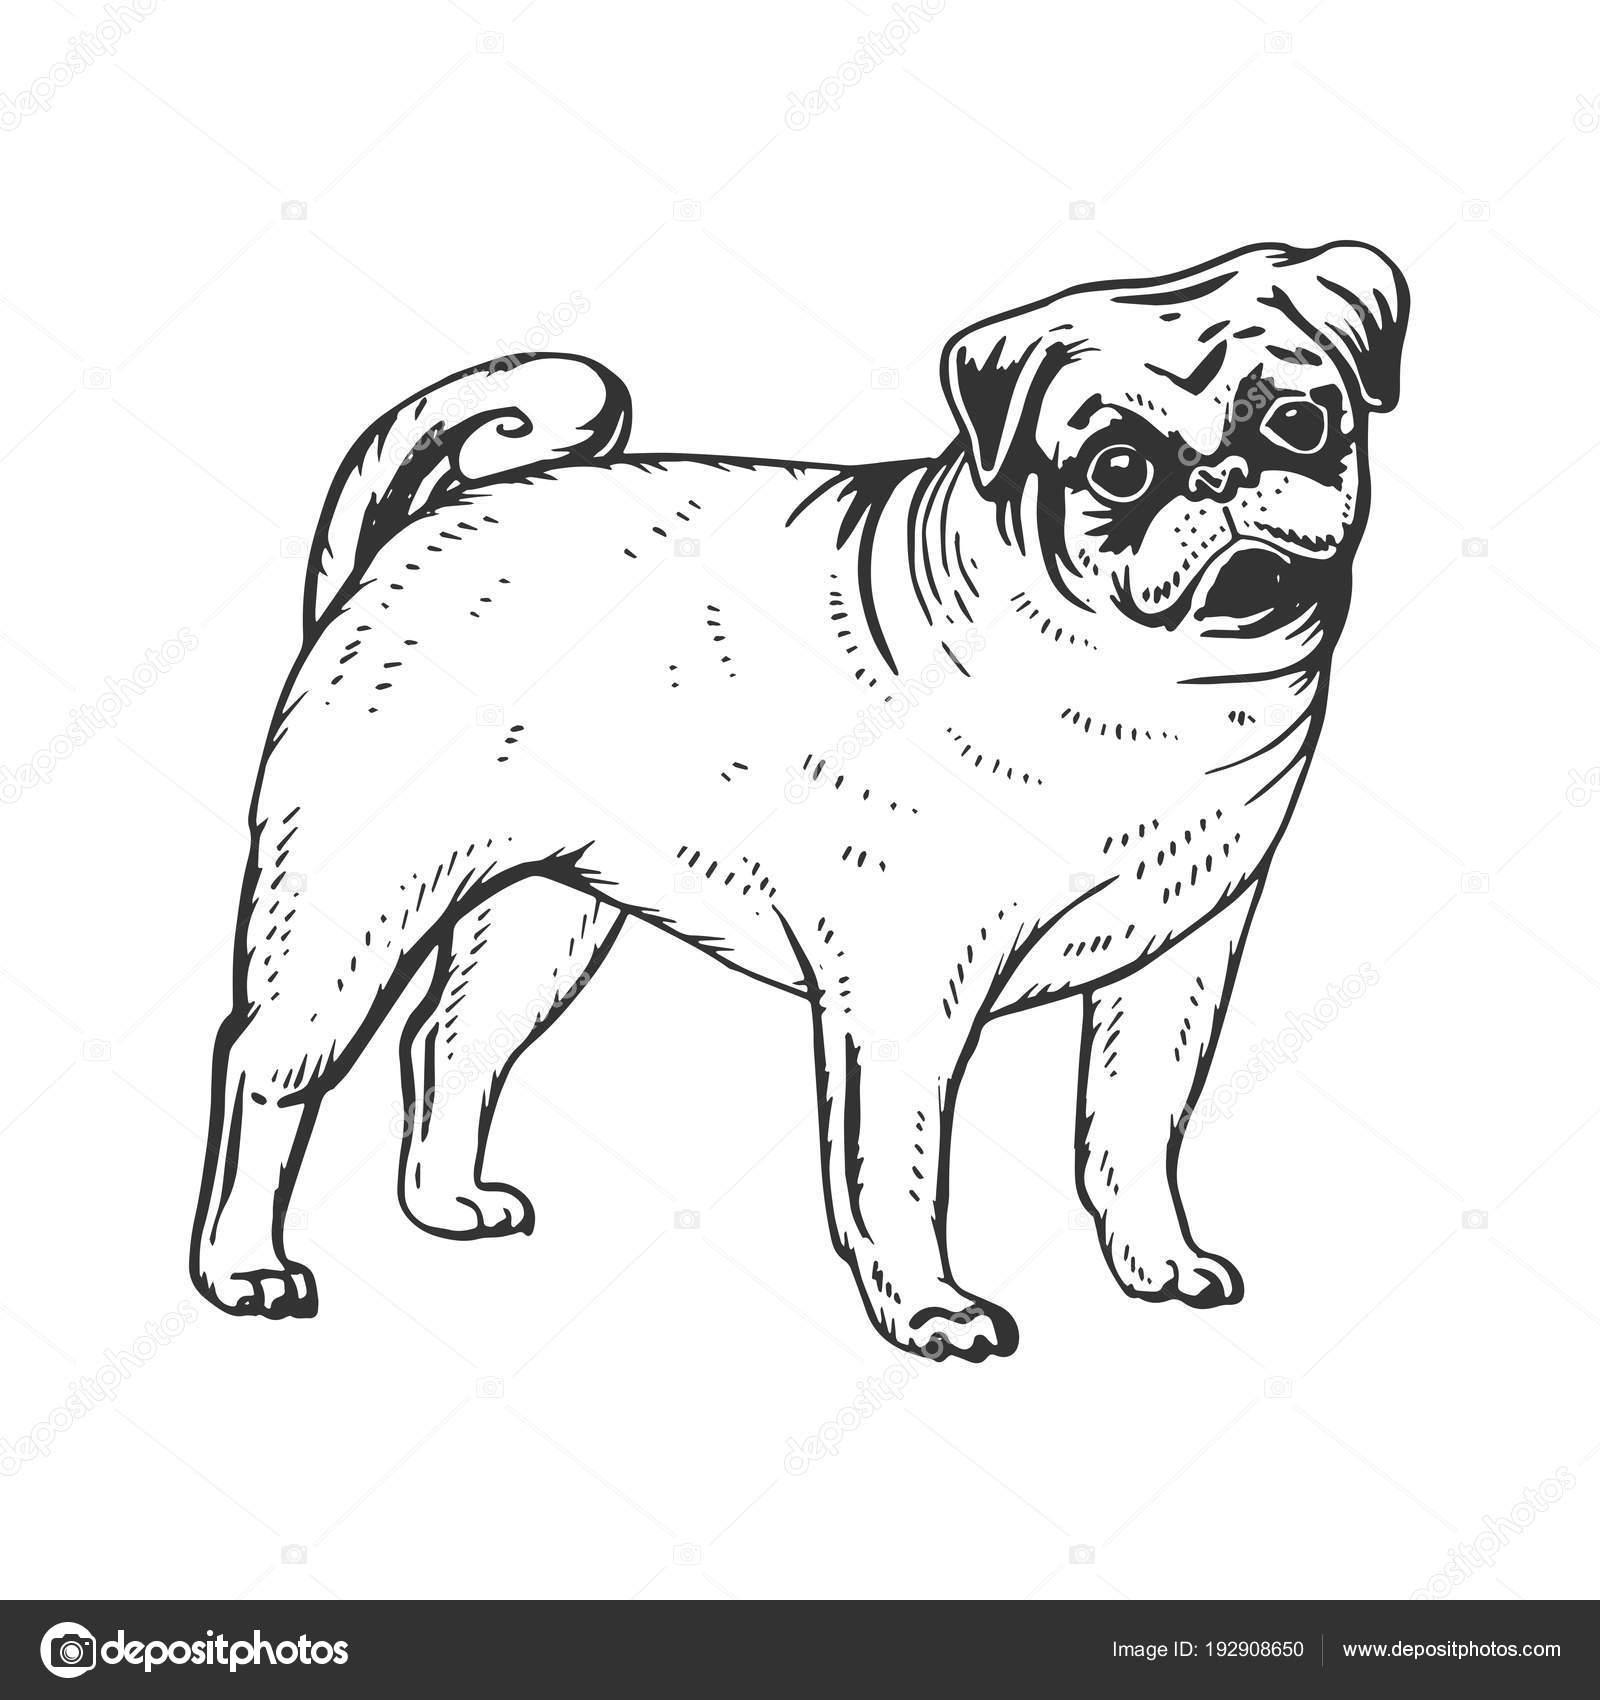 Perro Pug grabado ilustración vectorial — Archivo Imágenes ...